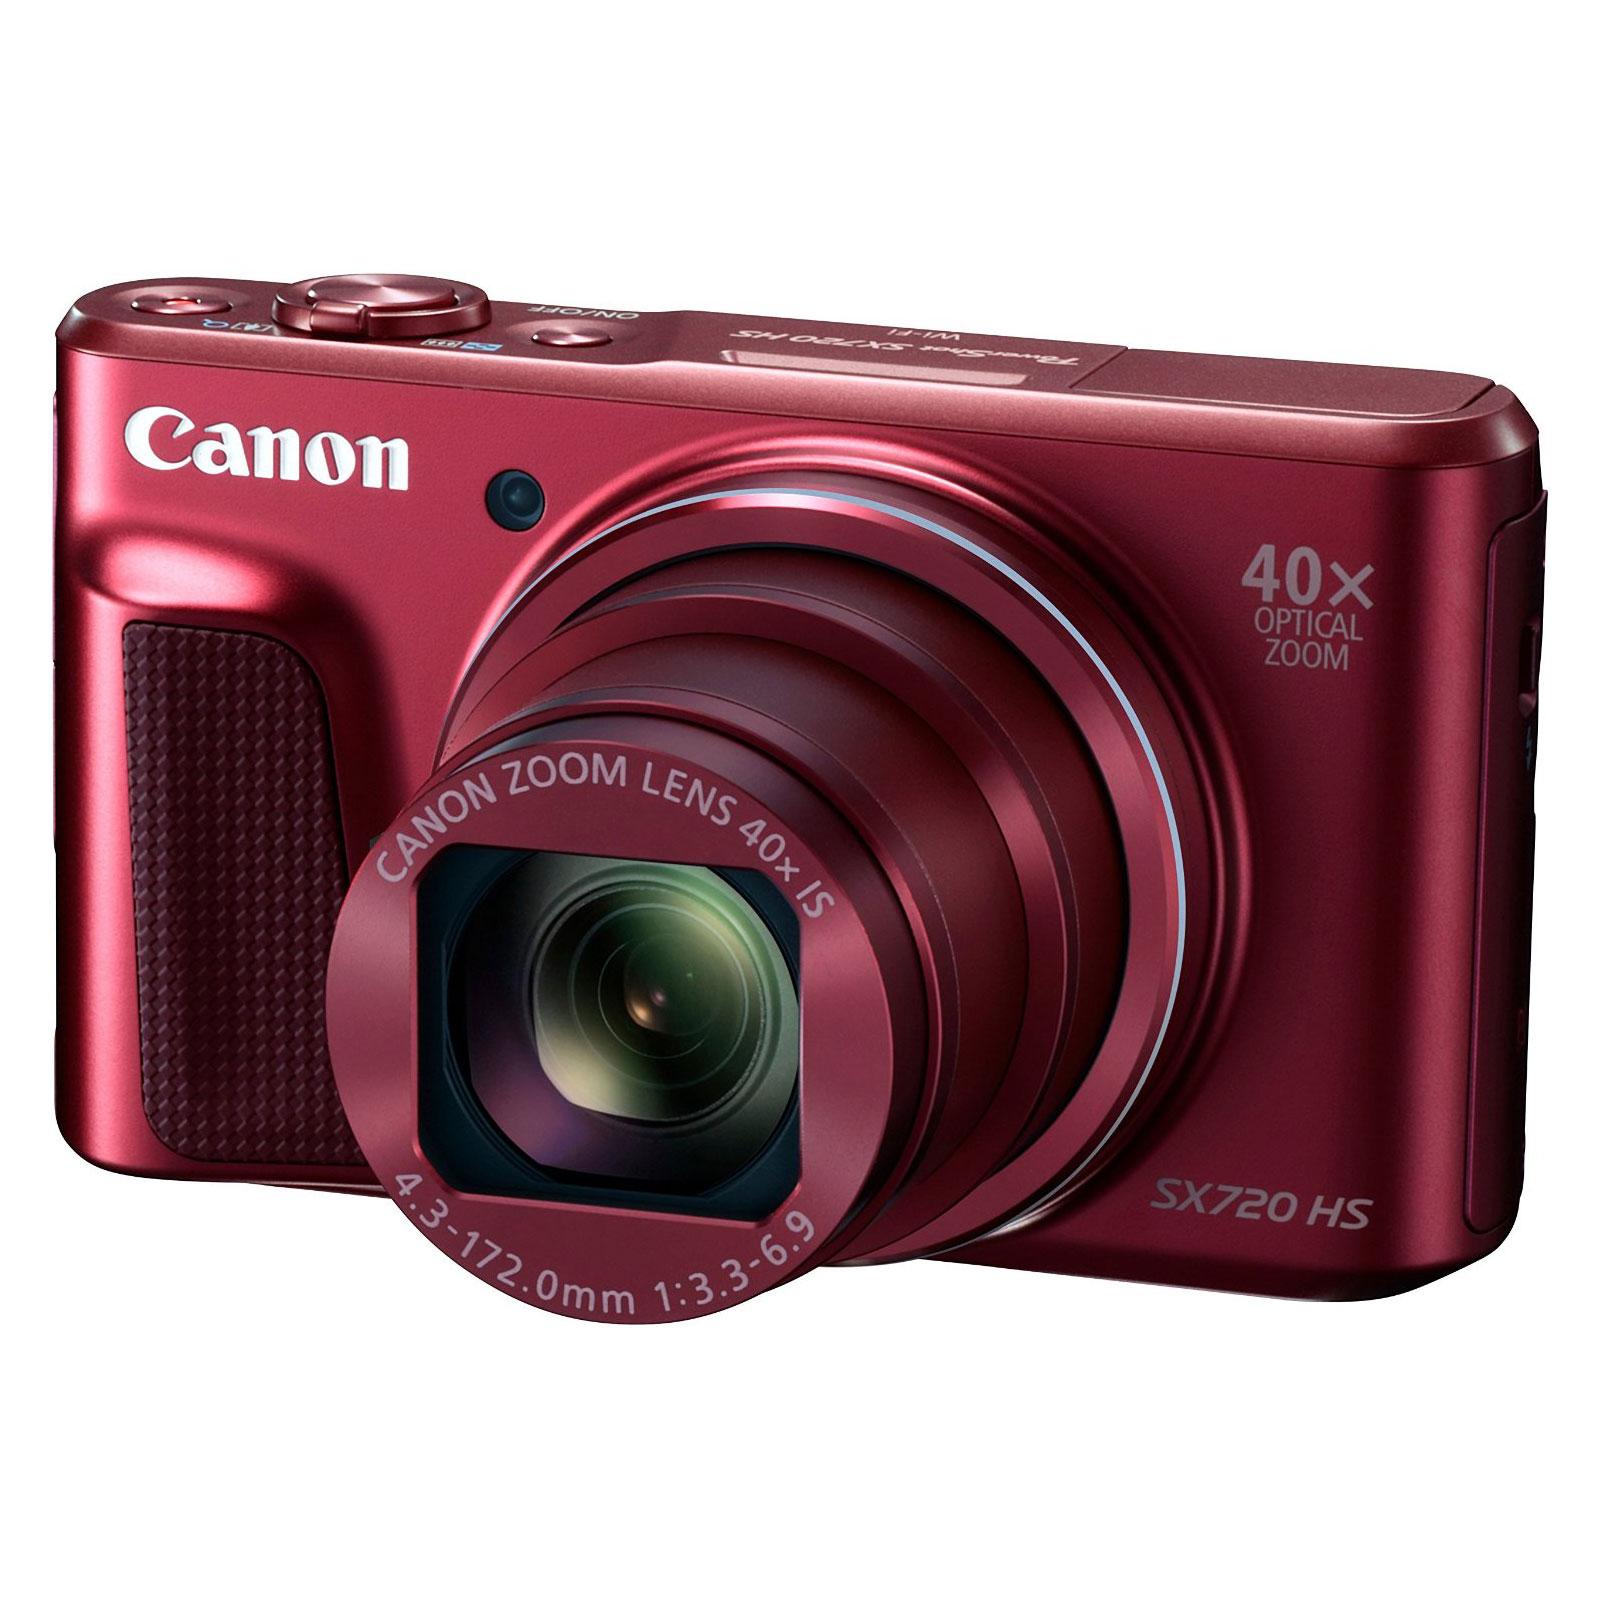 canon powershot sx720 hs rouge appareil photo num rique. Black Bedroom Furniture Sets. Home Design Ideas